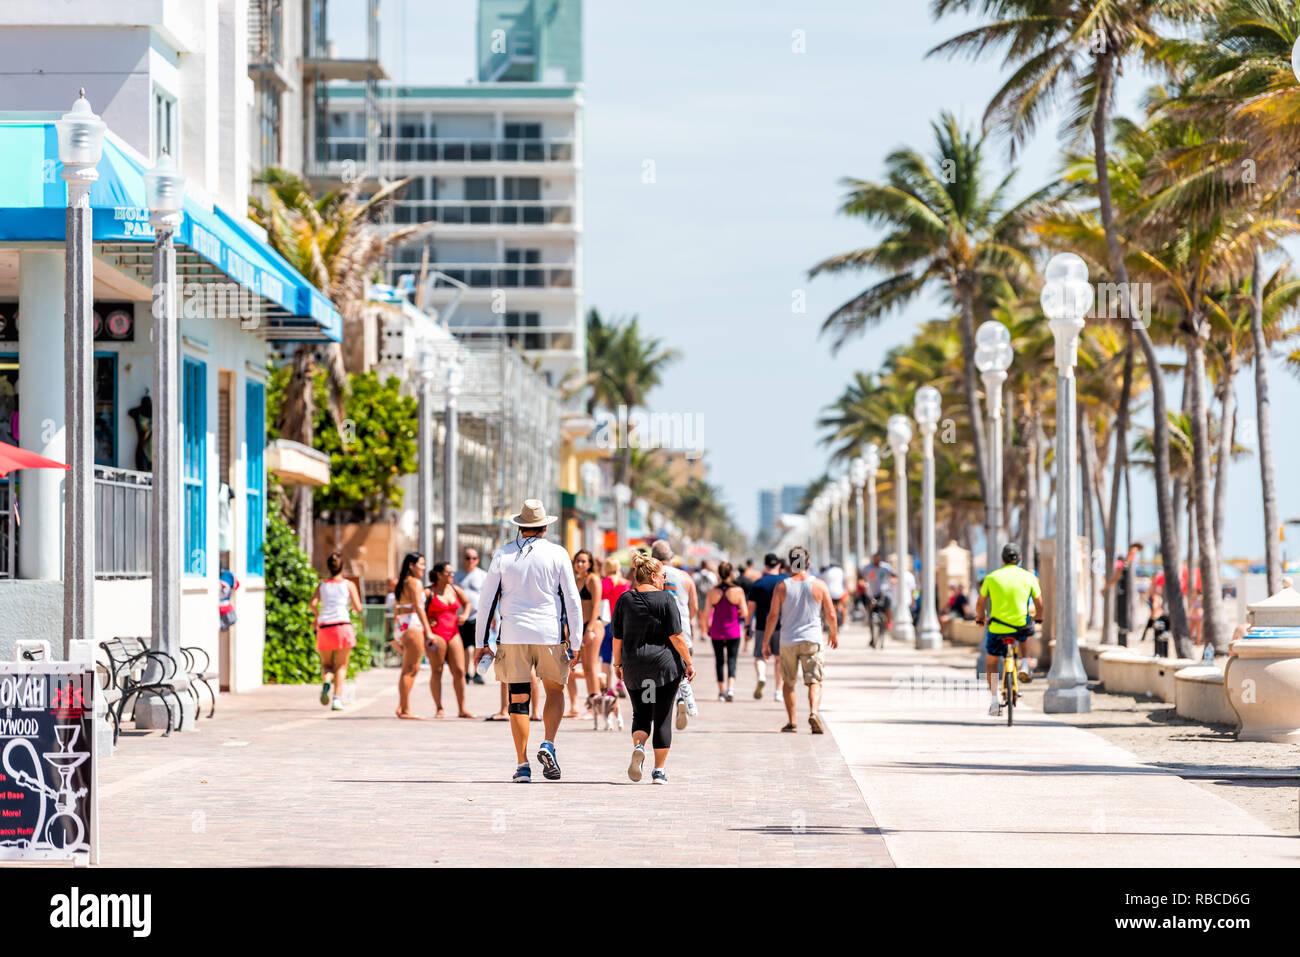 Hollywood, ESTADOS UNIDOS - 6 de mayo de 2018: Beach Boardwalk en Florida Miami Broward County con día soleado y gente caminando por el paseo costa por la cafetería y restaur Foto de stock